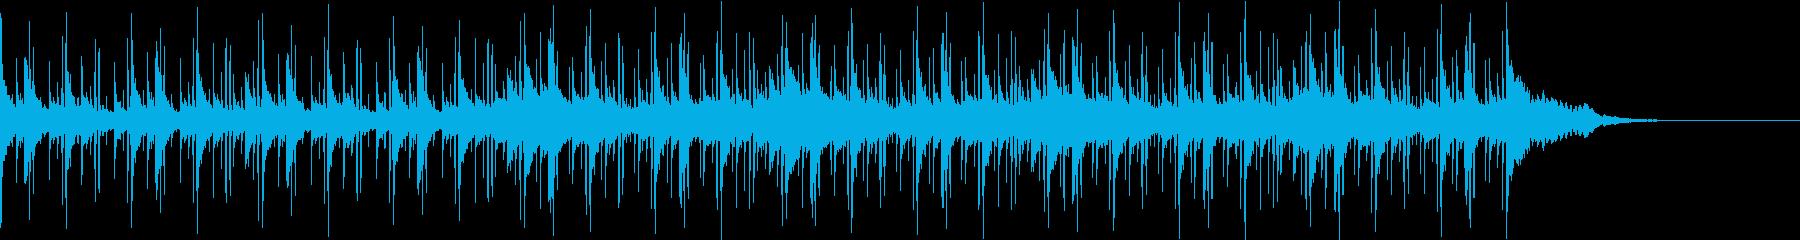 Pf「回転」和風現代ジャズの再生済みの波形